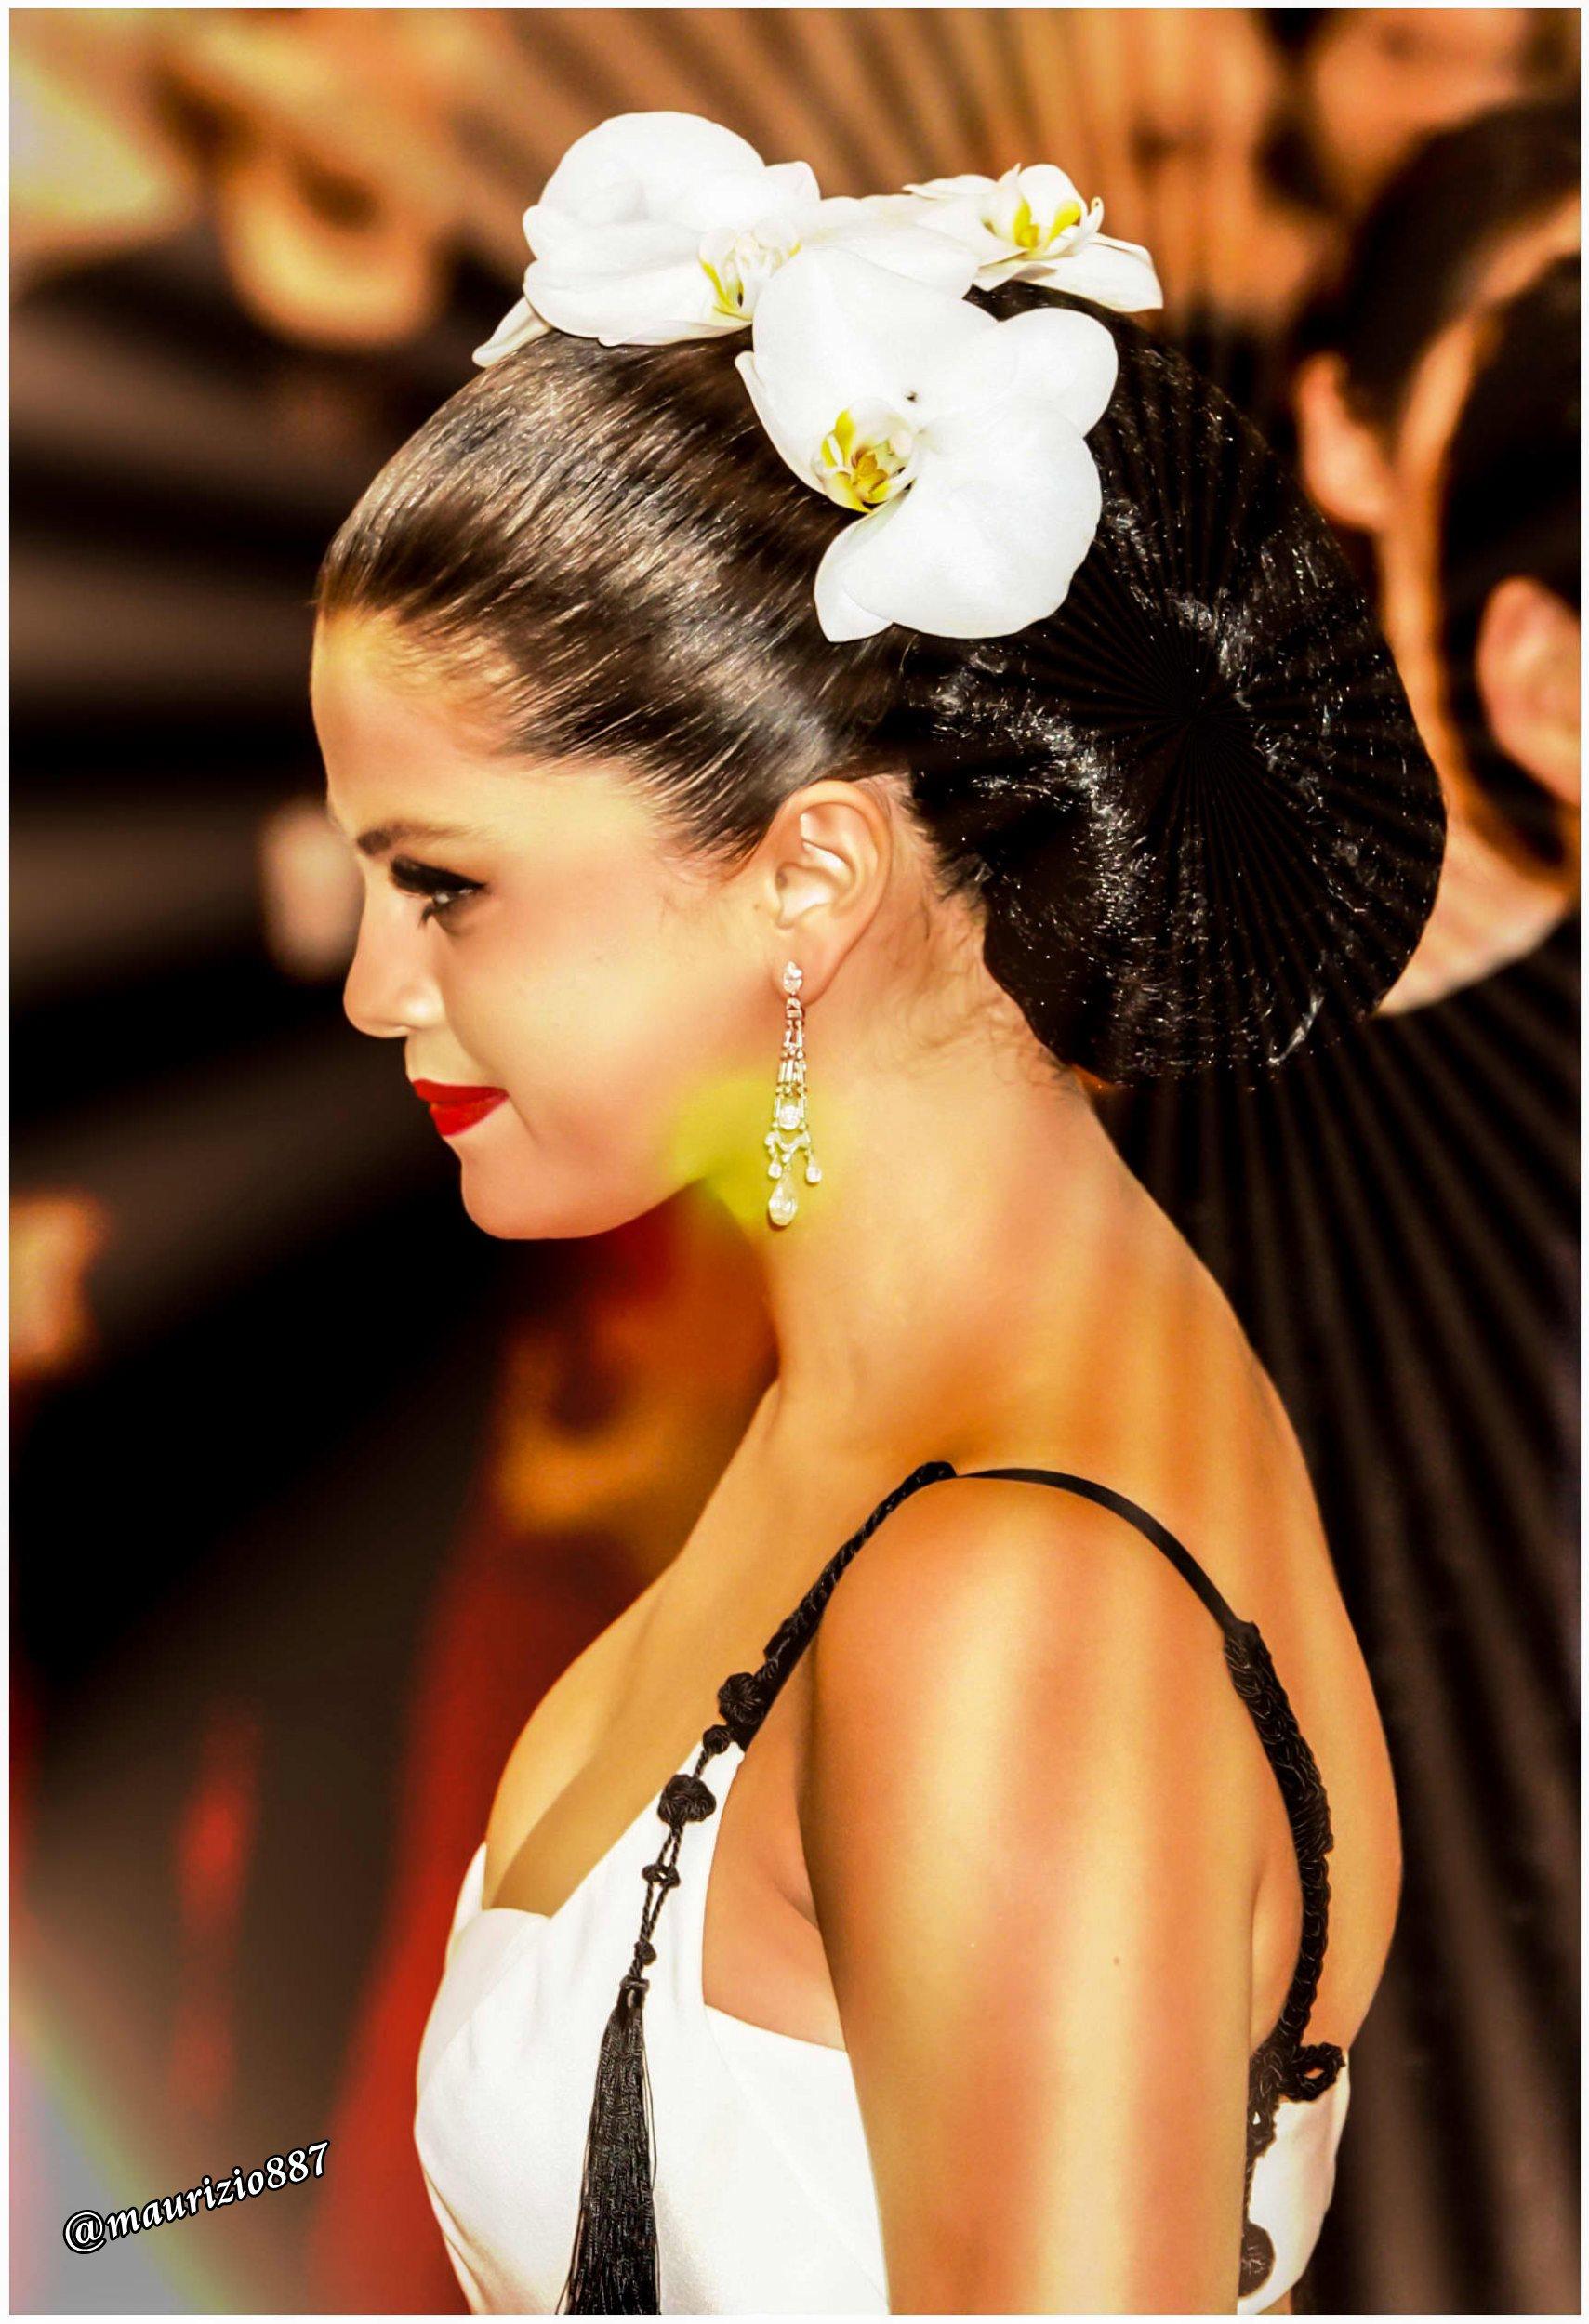 selena gomez, 2015 - Selena Gomez Photo (38462532) - Fanpop